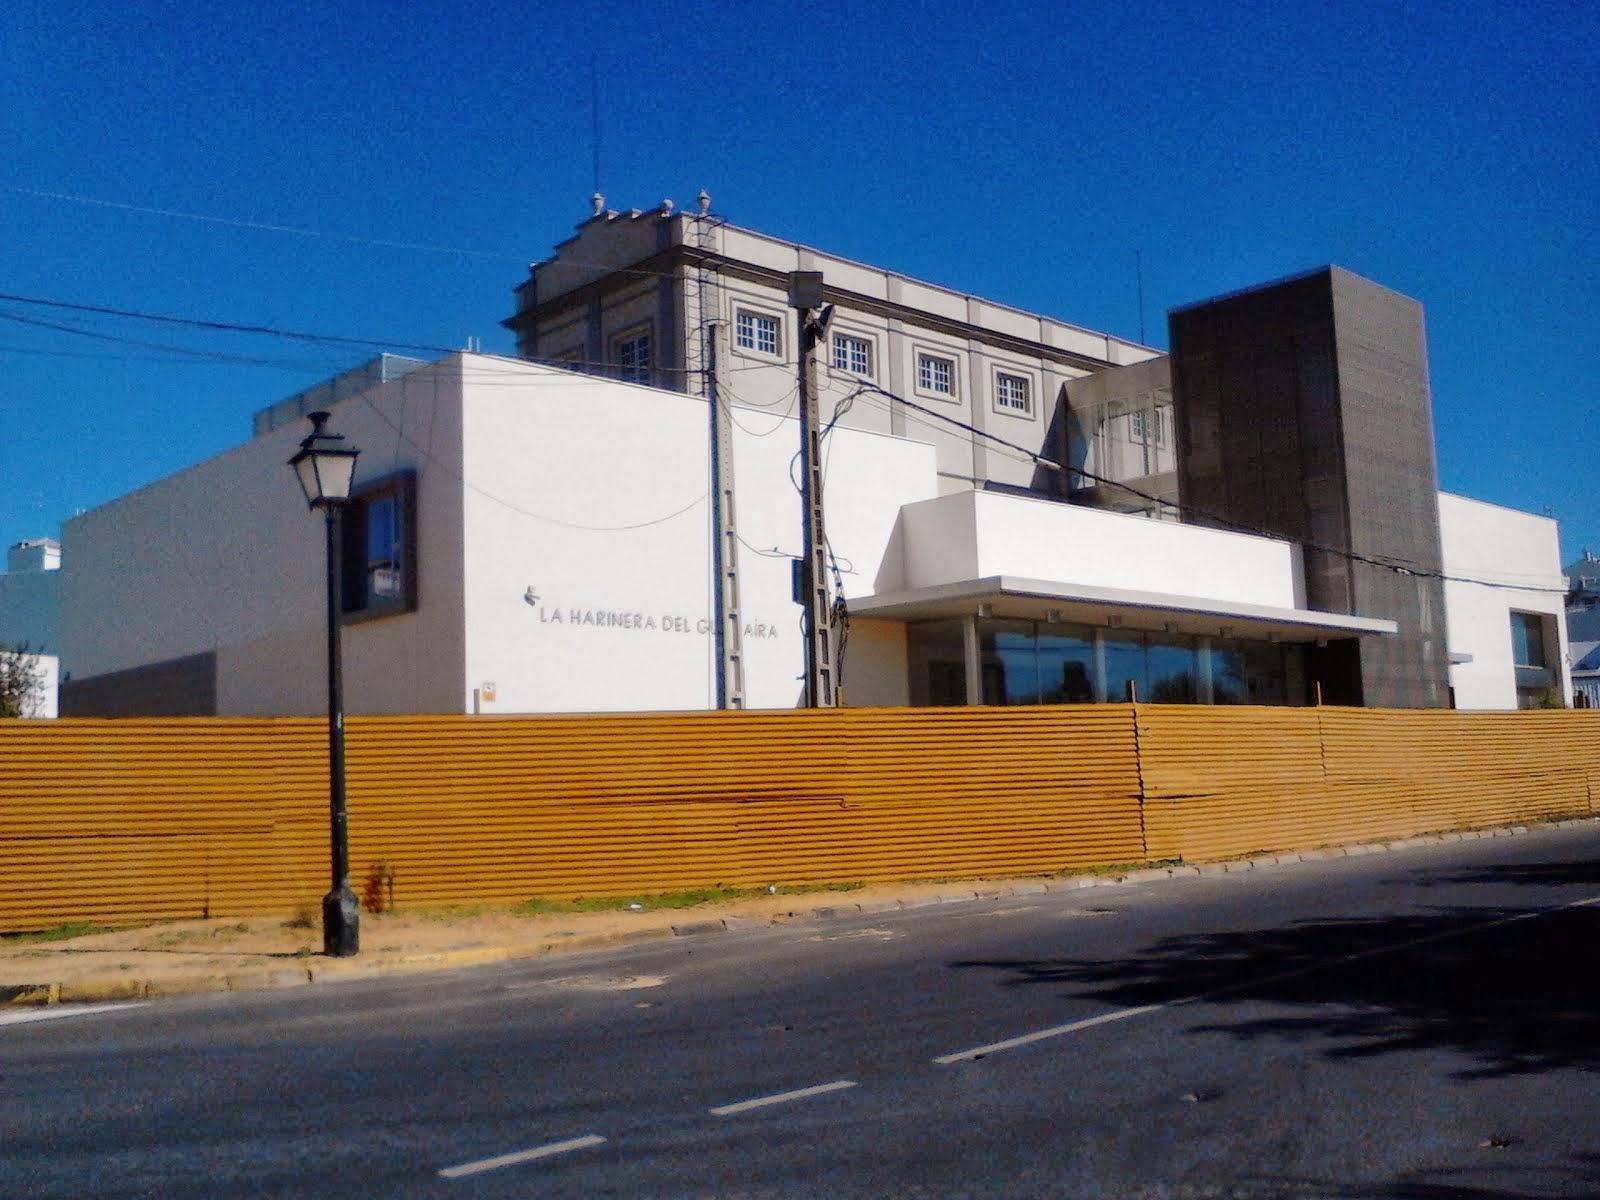 FOTO DENUNCIA: La Harinera del Guadaíra: museo del derroche alcalareño.